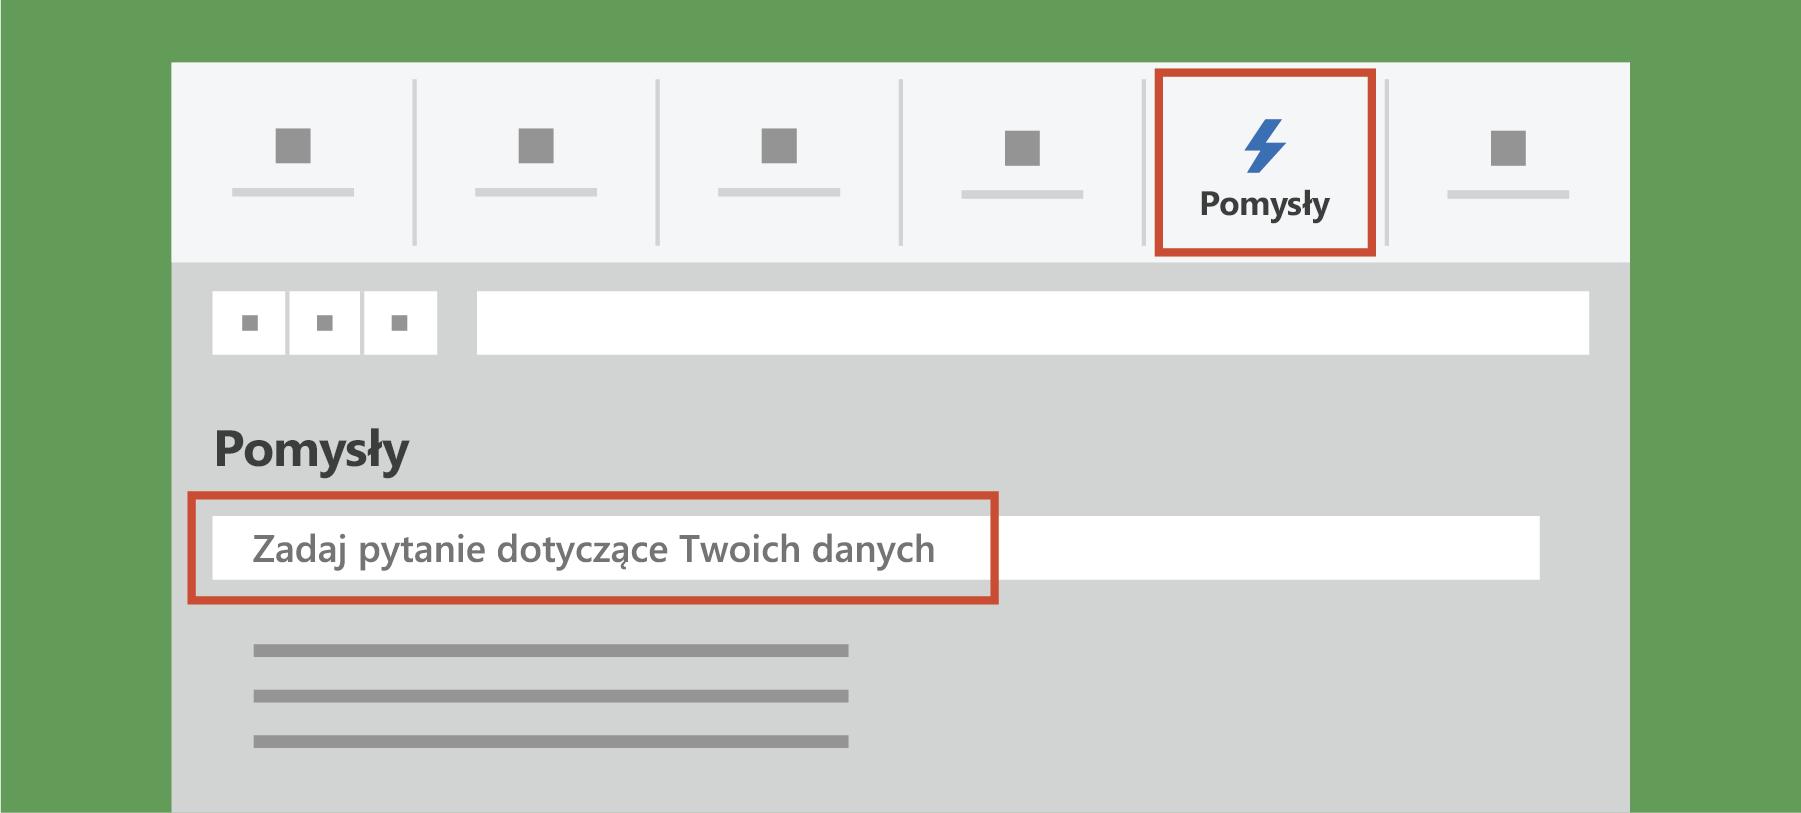 Pokazuje analizę danych w programie Excel